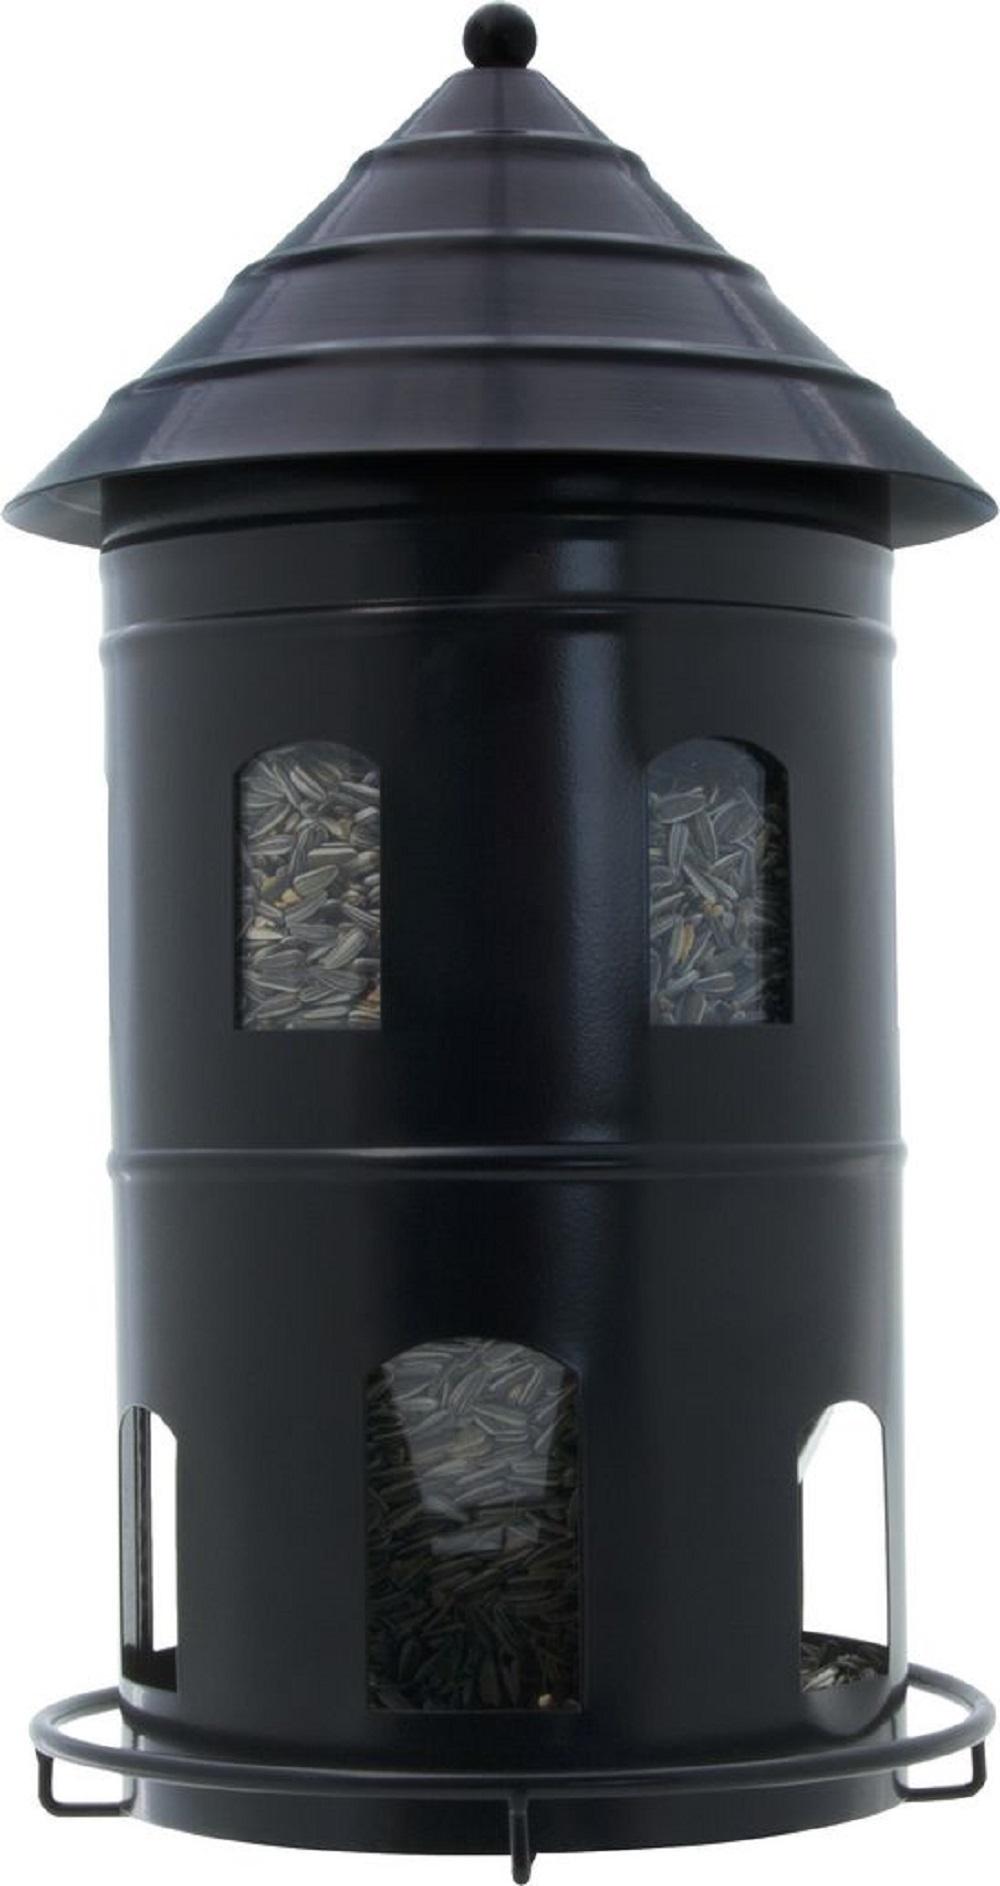 Кормушка Wildlife garden giant feeder Синий504_золотистый, салатовыйКормушка Giant Feeder. Крупная кормушка, которая предназначена для маленьких птиц. Конструкция позволяет птицам питаться, но не даёт разбрасывать семена. Внутренняя емкость для корма легко вынимается. Объём кормушки 6 л. Состоит из корпуса и съёмной внутренней емкости.